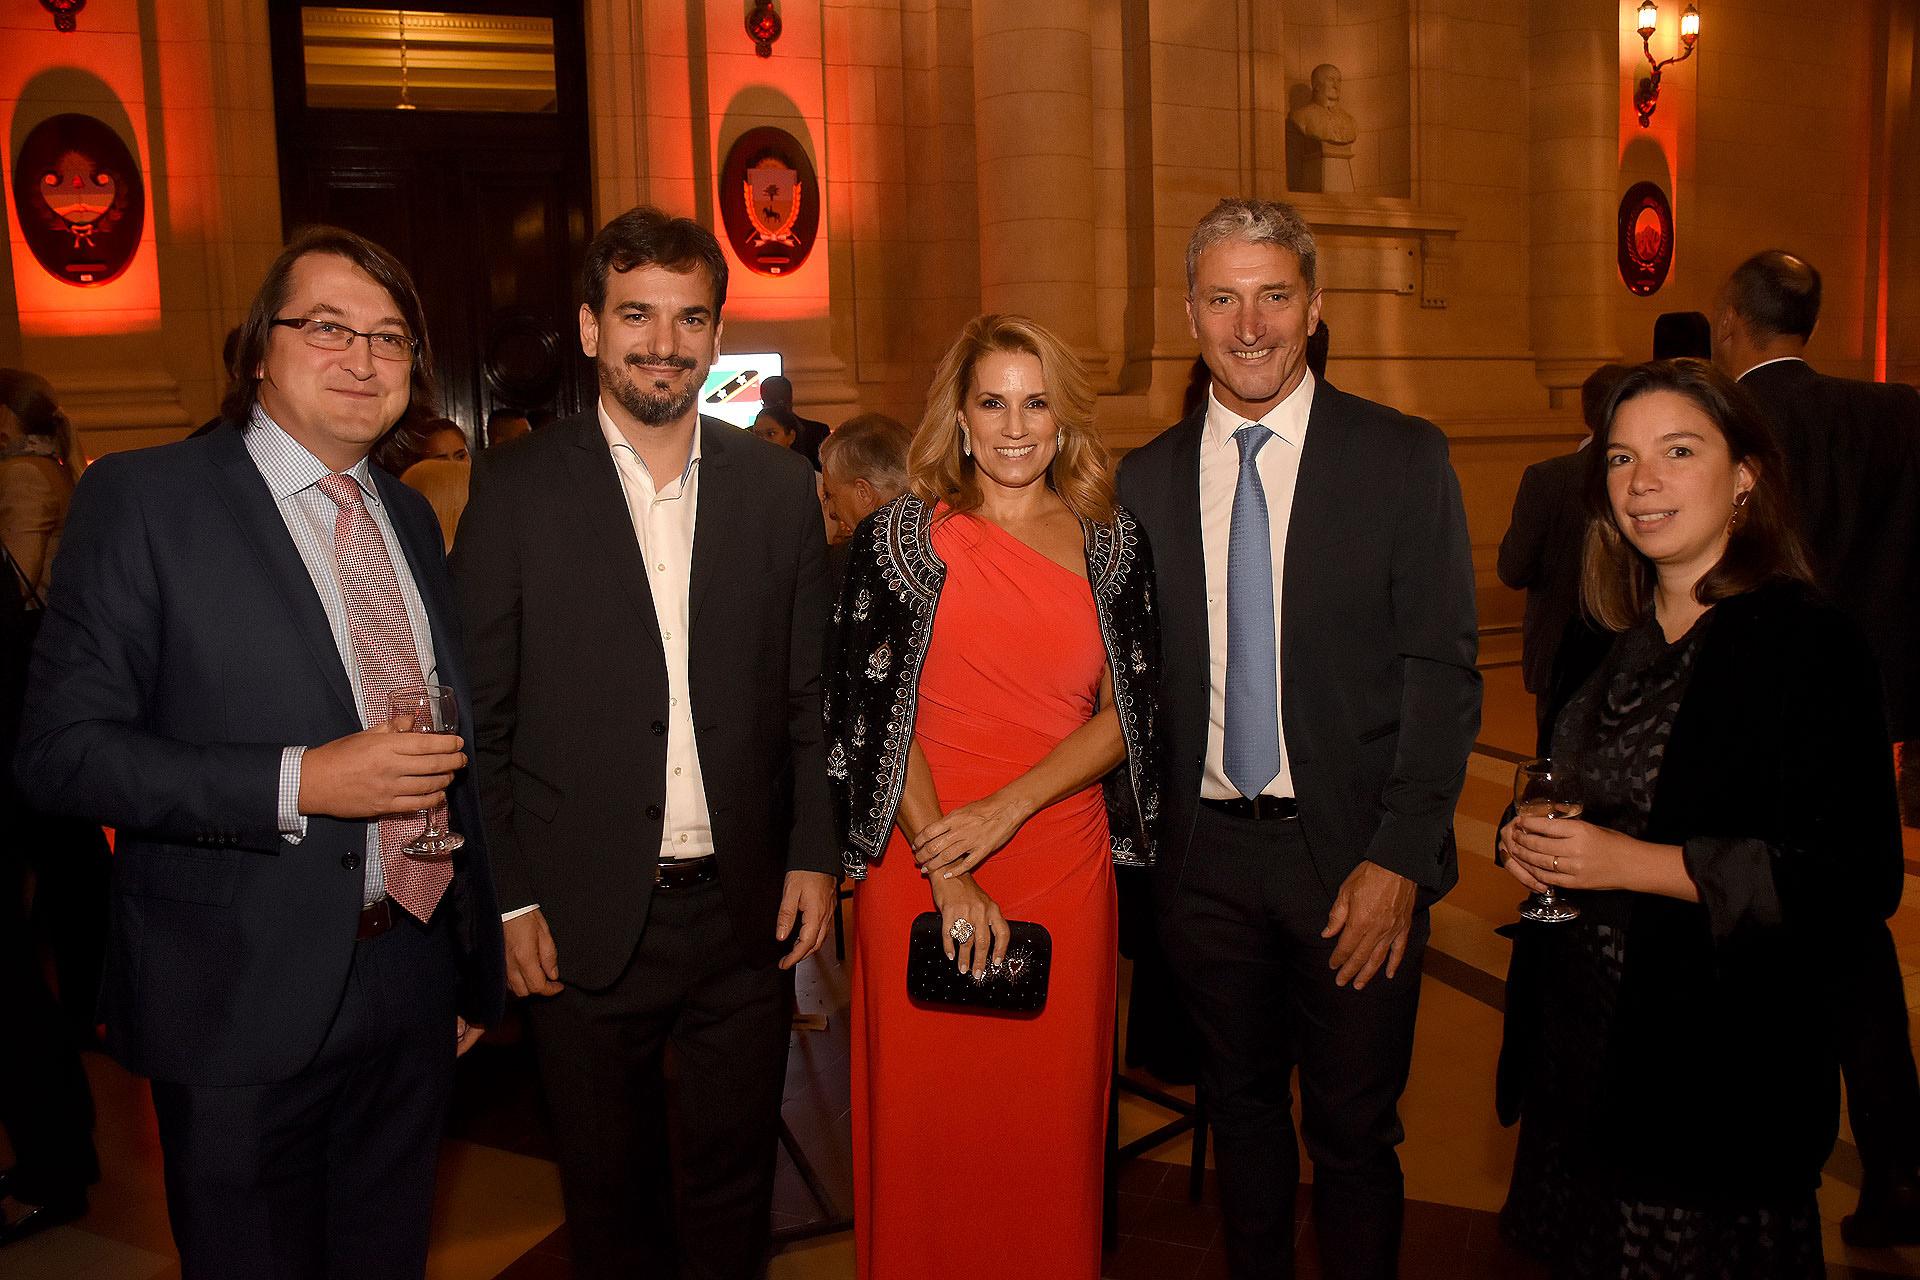 Bennie Mander, Sebastián Galmarini, Érica Blau, José Scioli y Valentina Mander